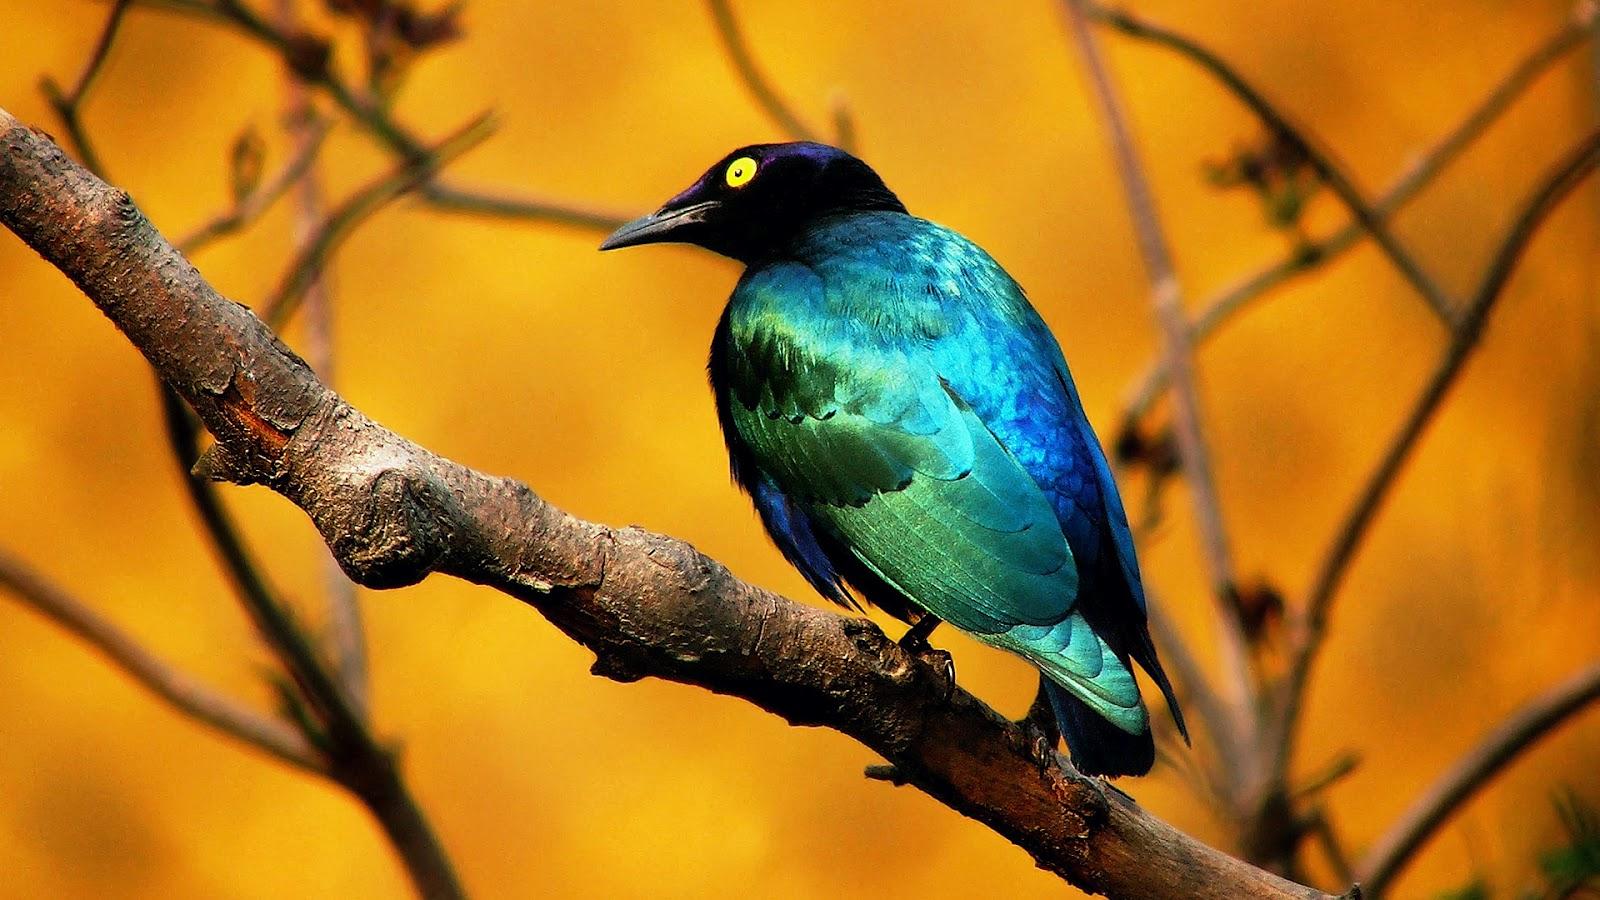 wallpaper beautiful bird wallpaper flying bird wallpaper bird desktop 1600x900